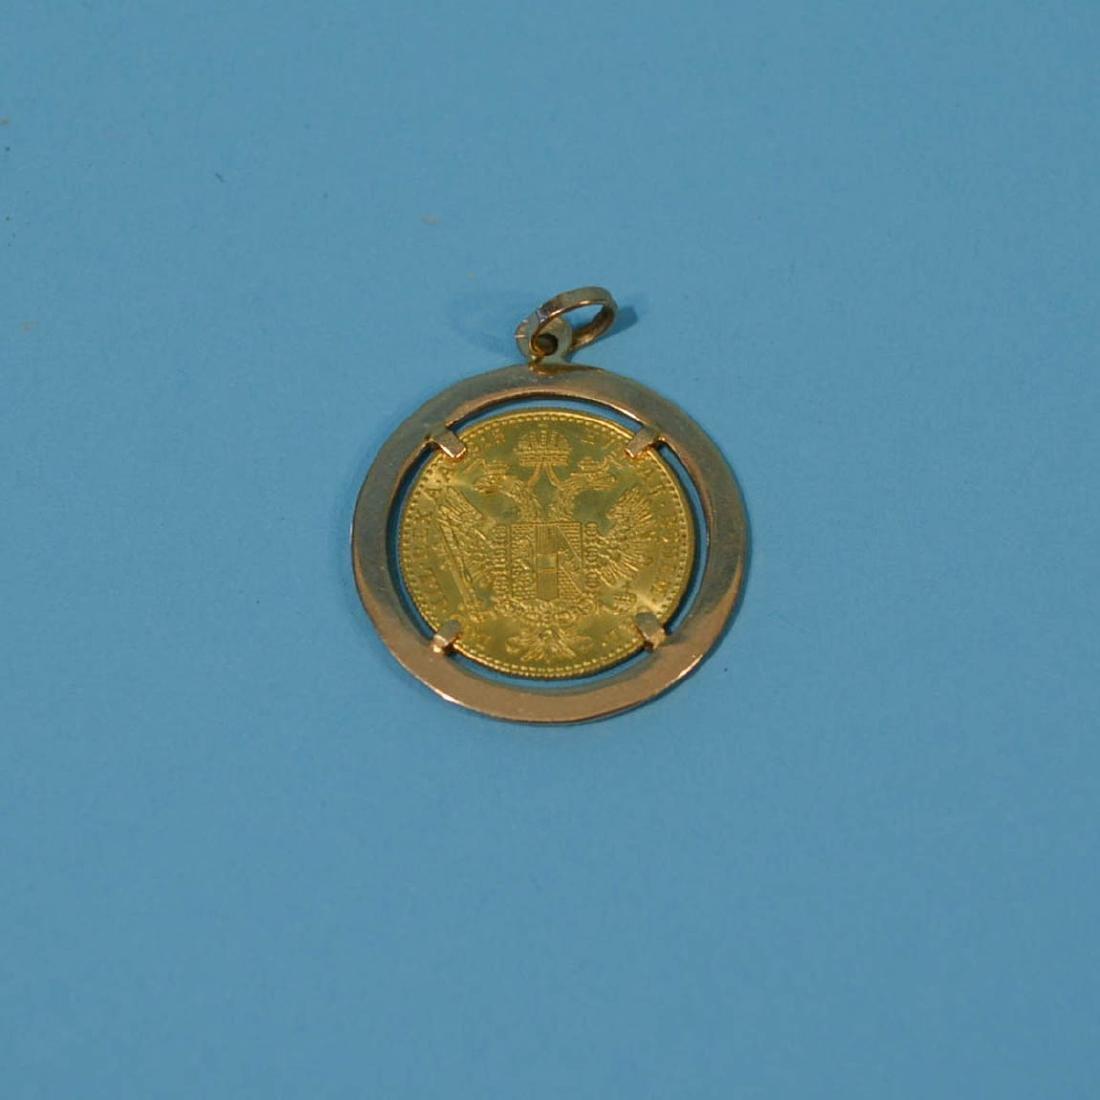 1915 AUSTRIAN 1 DUCAT GOLD COIN PENDENT - 2